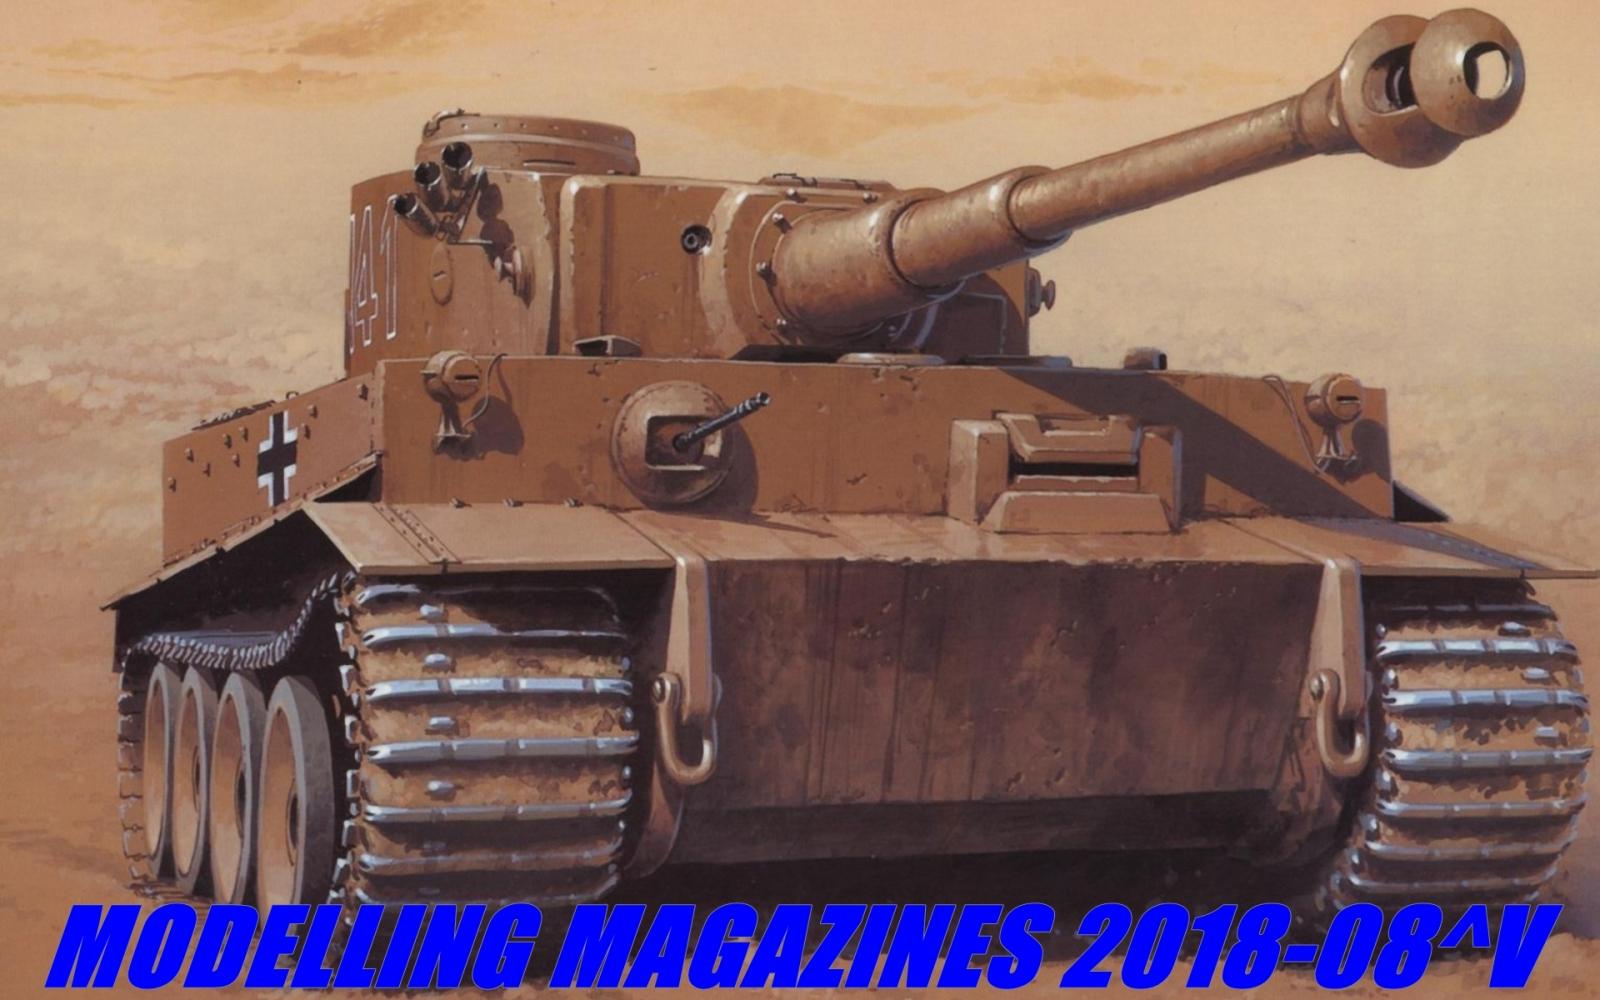 Modelling magazines 2018-08